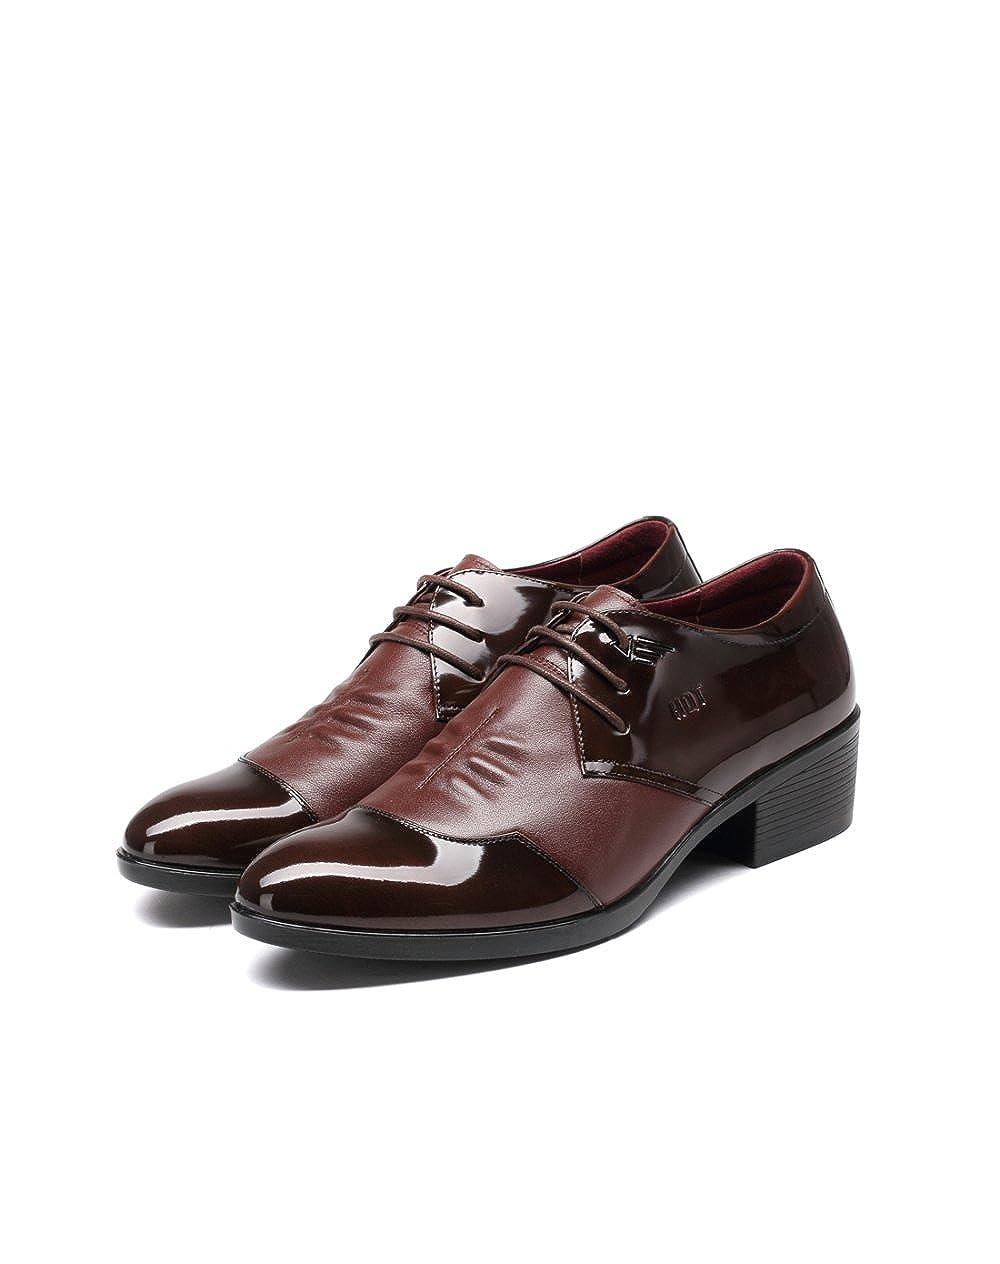 GTYMFH Leder Herrenschuhe Herrenschuhe Herrenschuhe Mode Business Anzüge Lackleder Spitze Rutschfest Lederschuhe b2442b